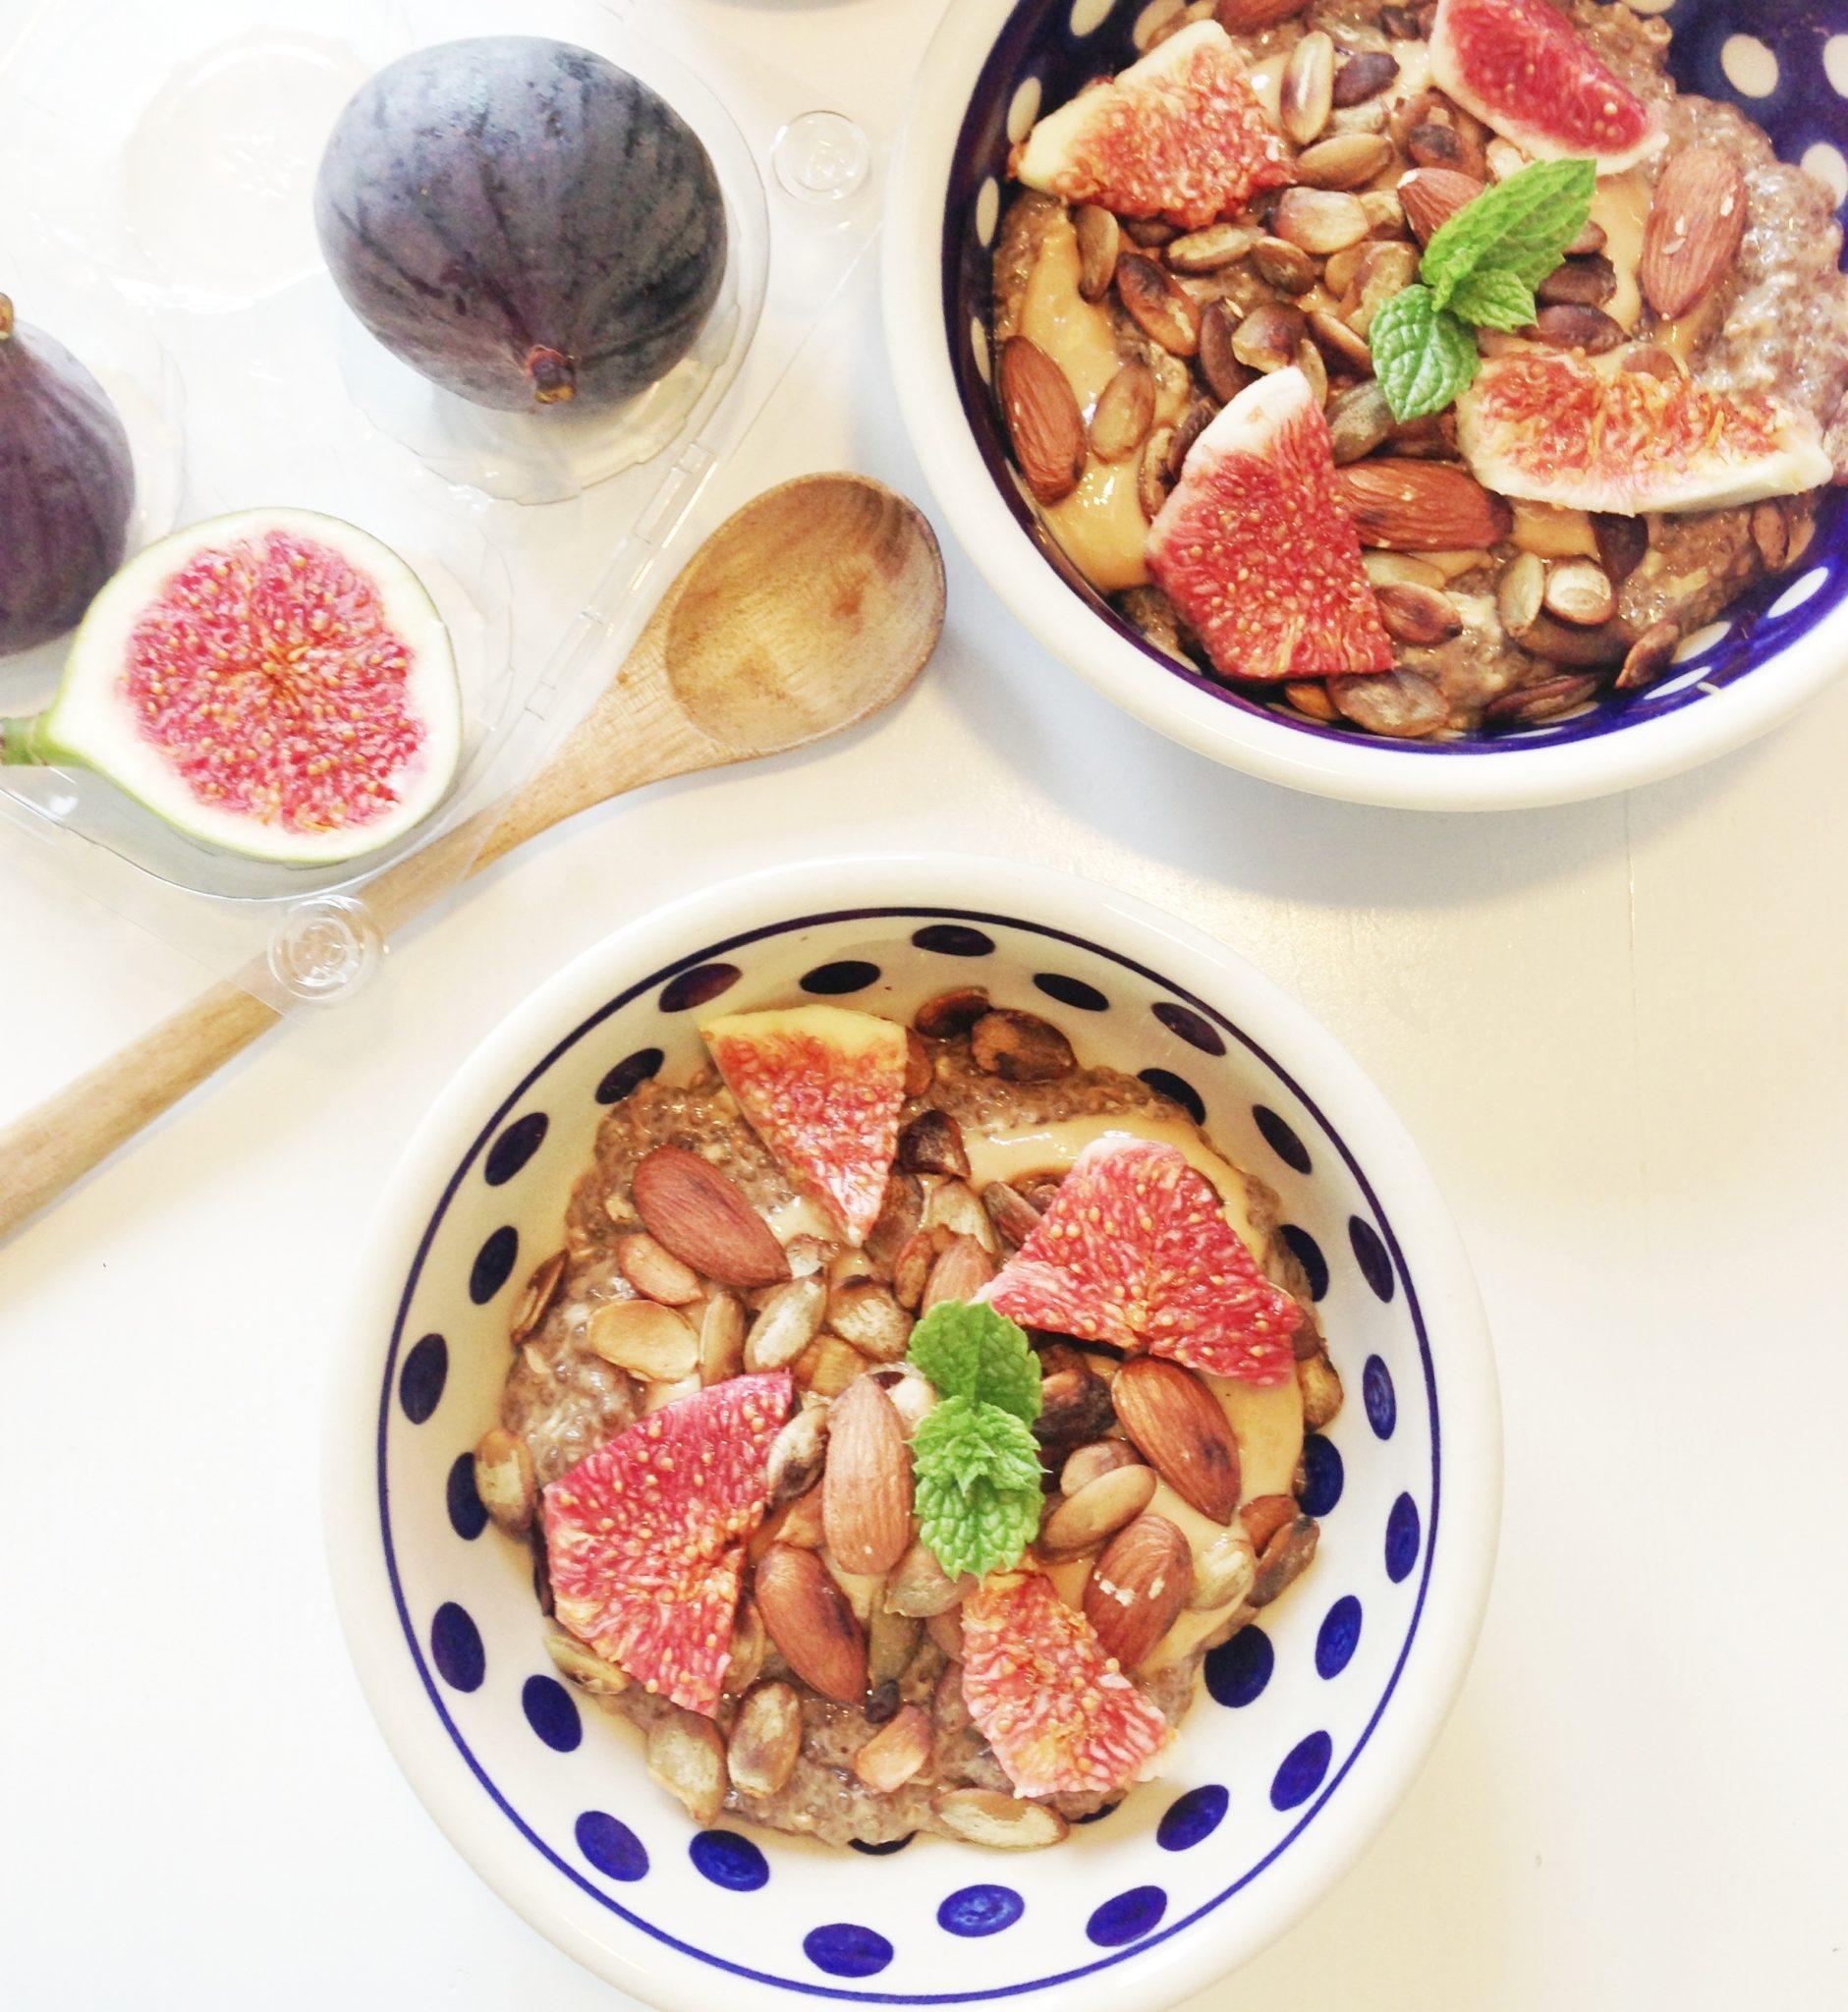 Chiagrød lavet på chiafrø med lakrids, peanutbutter, figen og græskarkerner